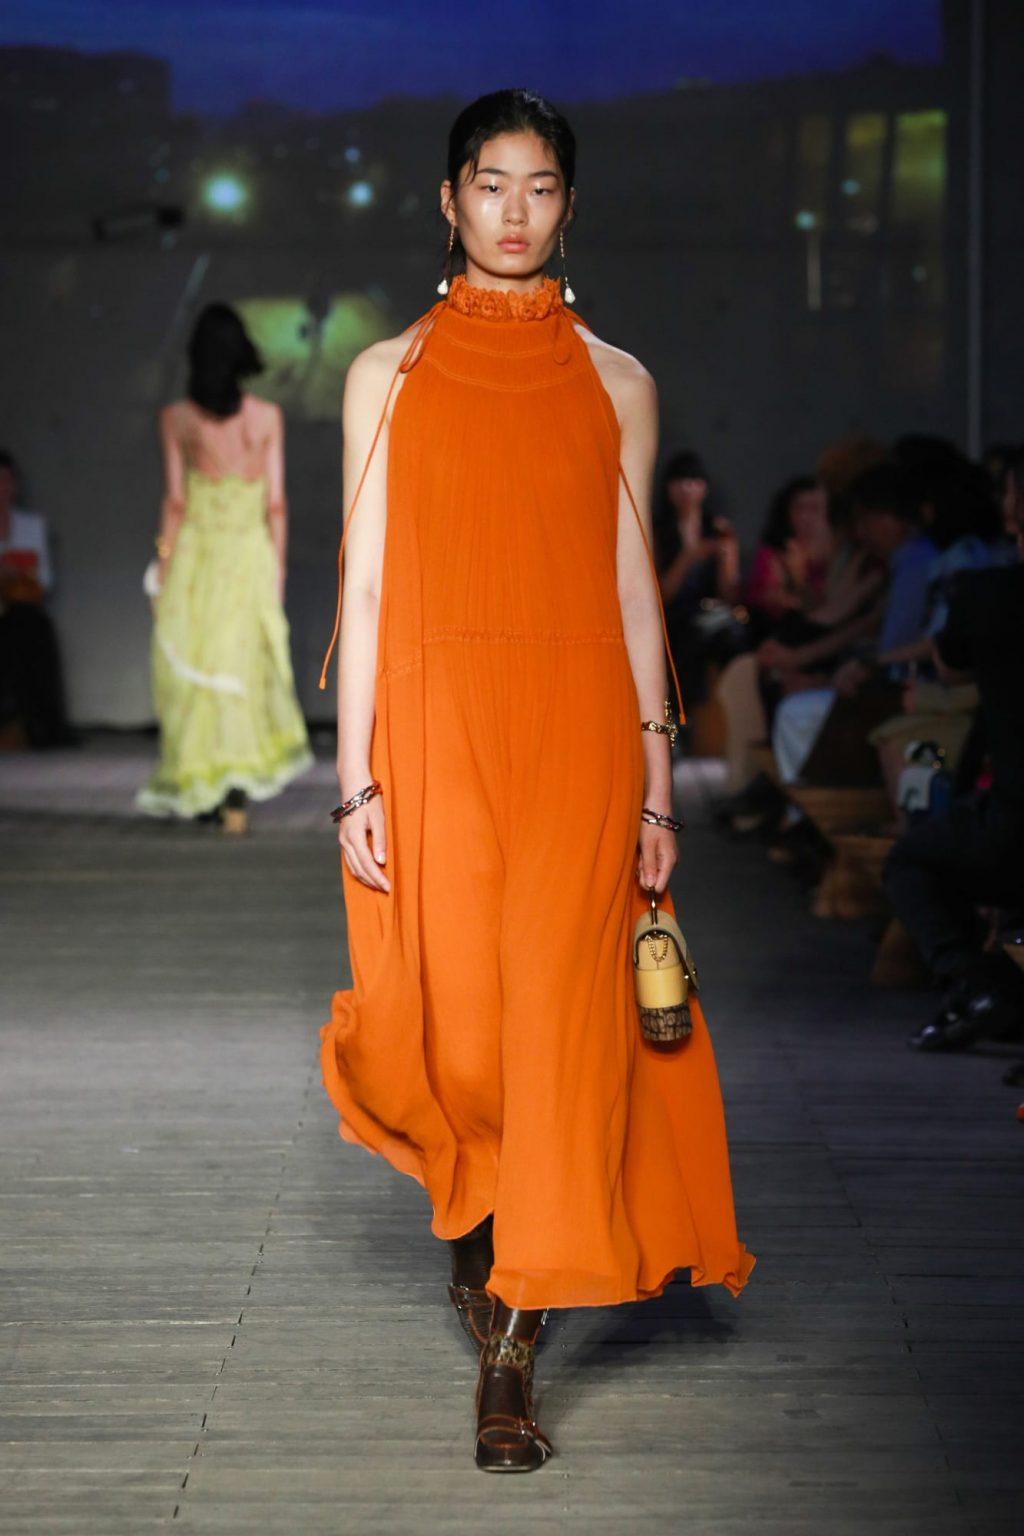 váy cổ lọ không tay màu cam trong bst chloé cruise 2020